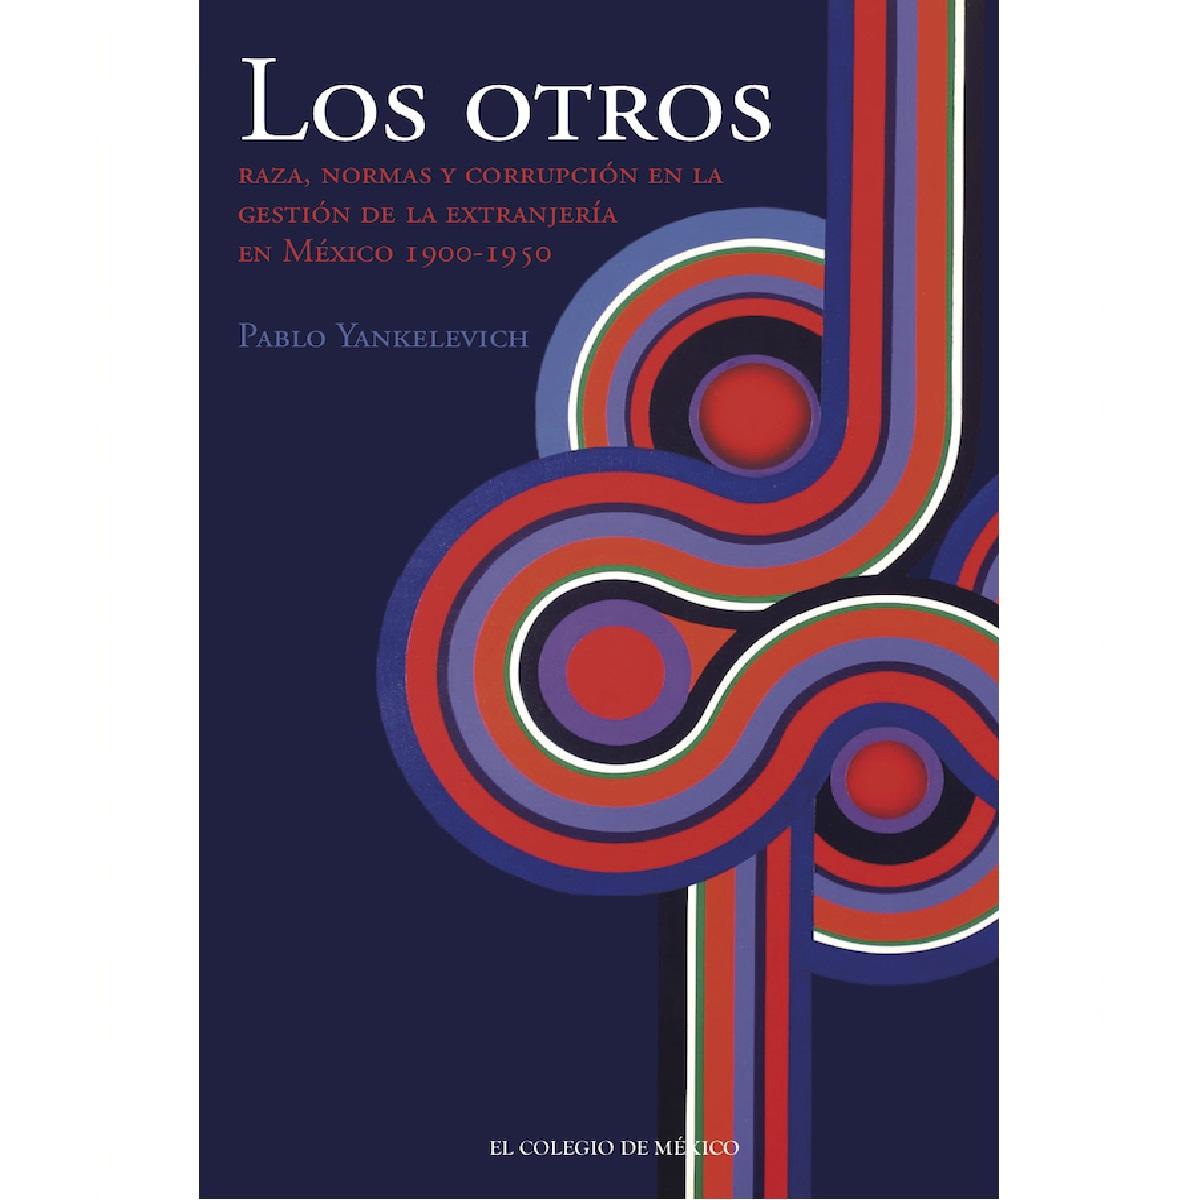 Los otros. Raza, normas y corrupción en la gestión de la extranjería en México, 1900-1950